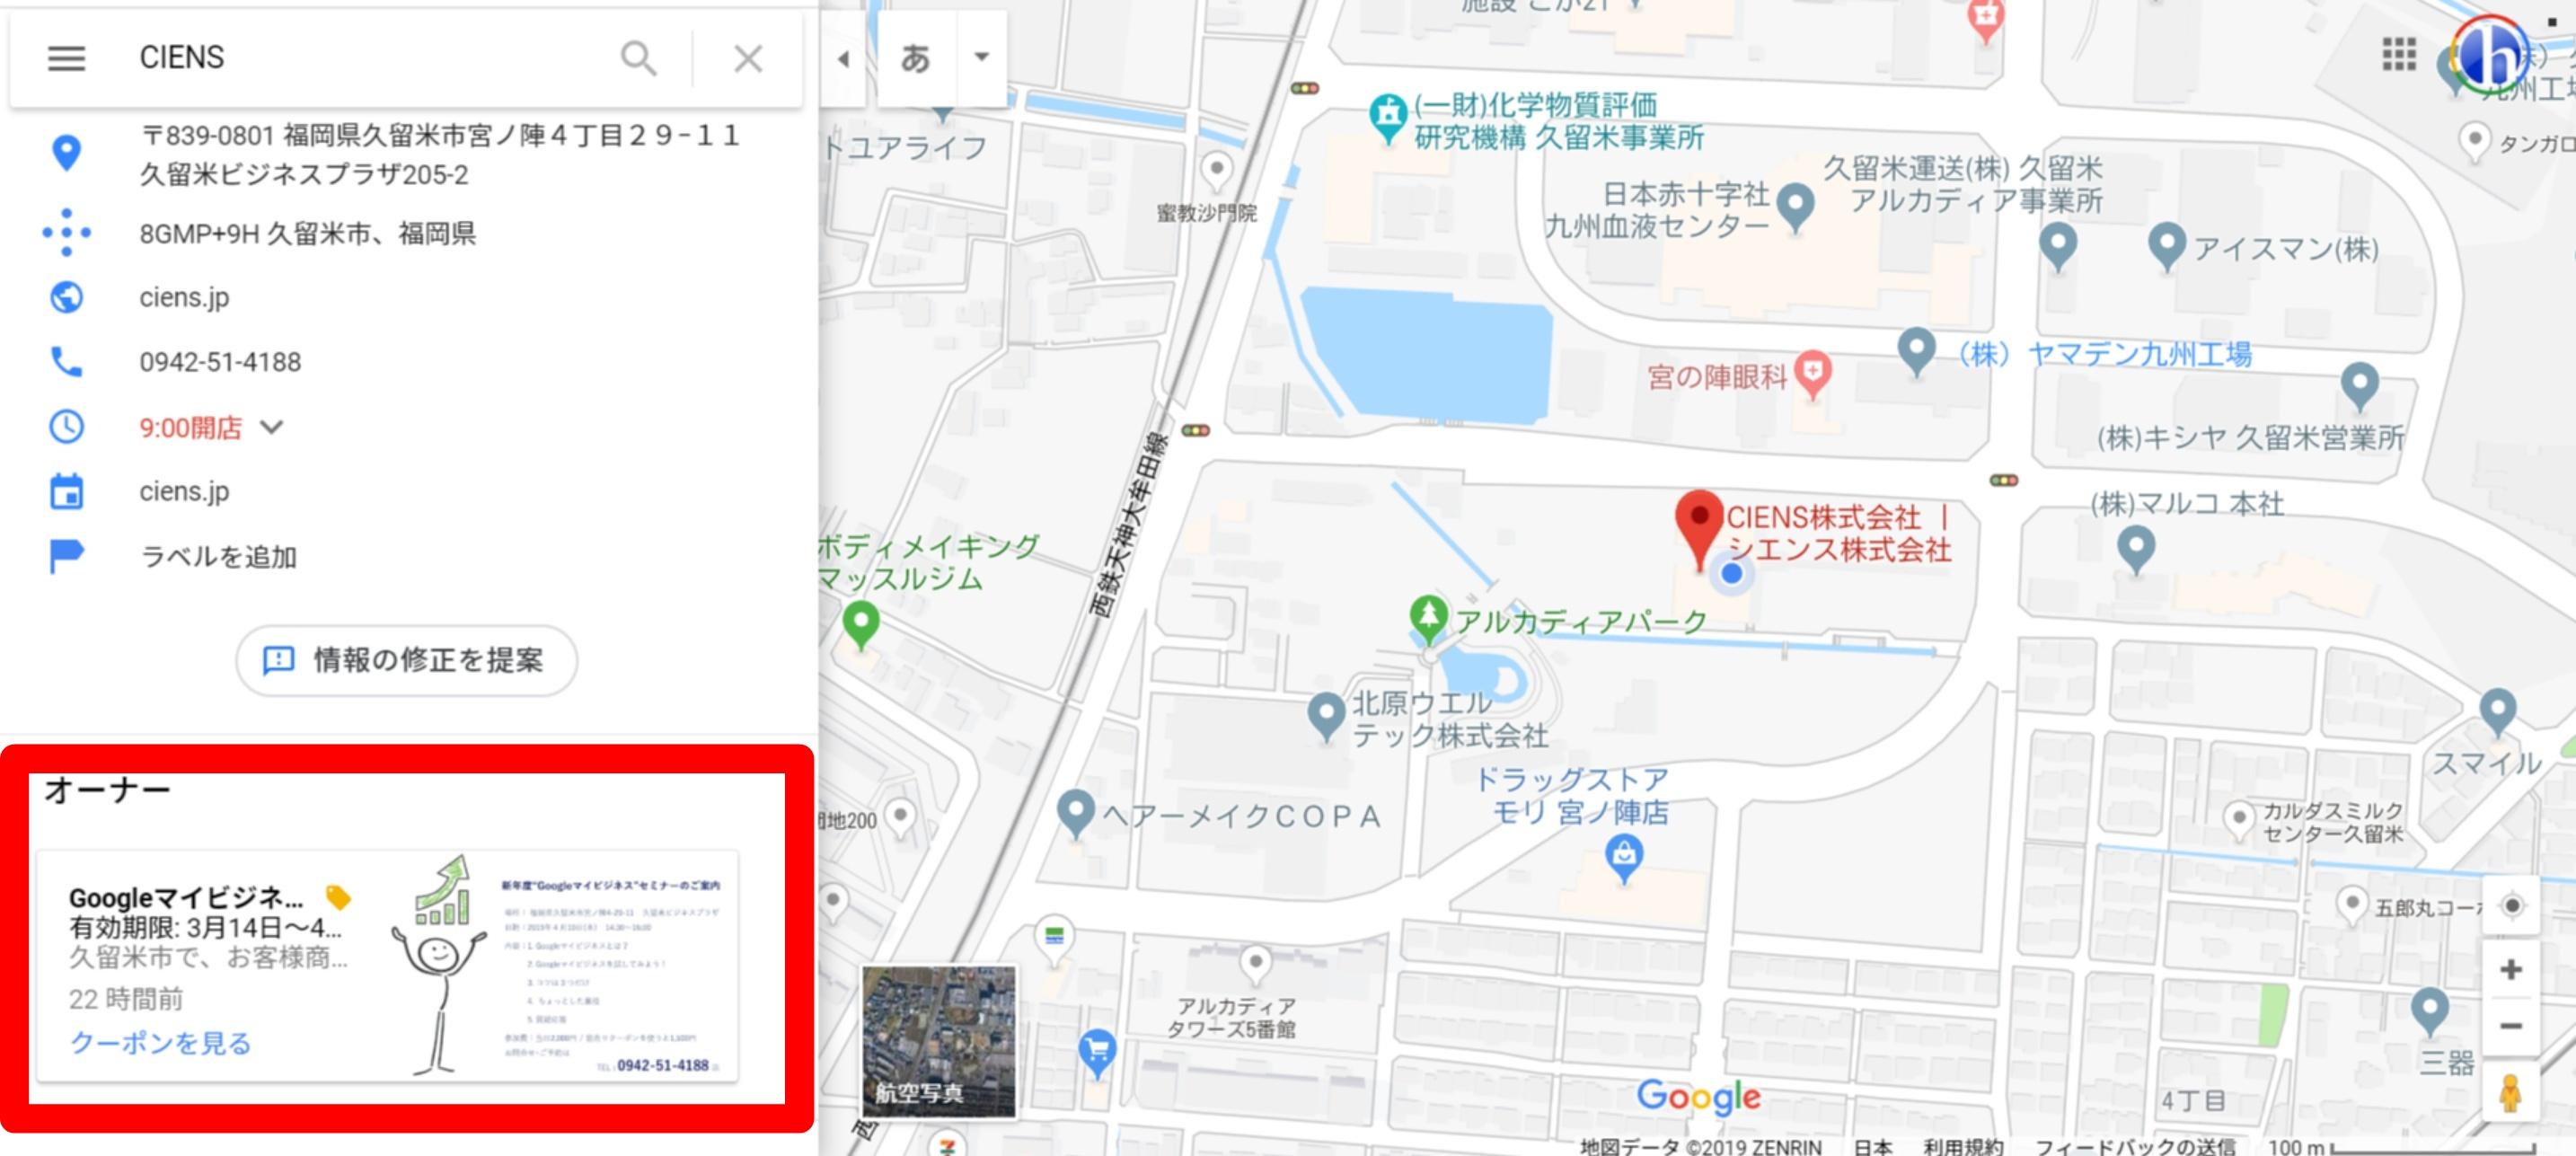 パソコン版Googleマップの表示